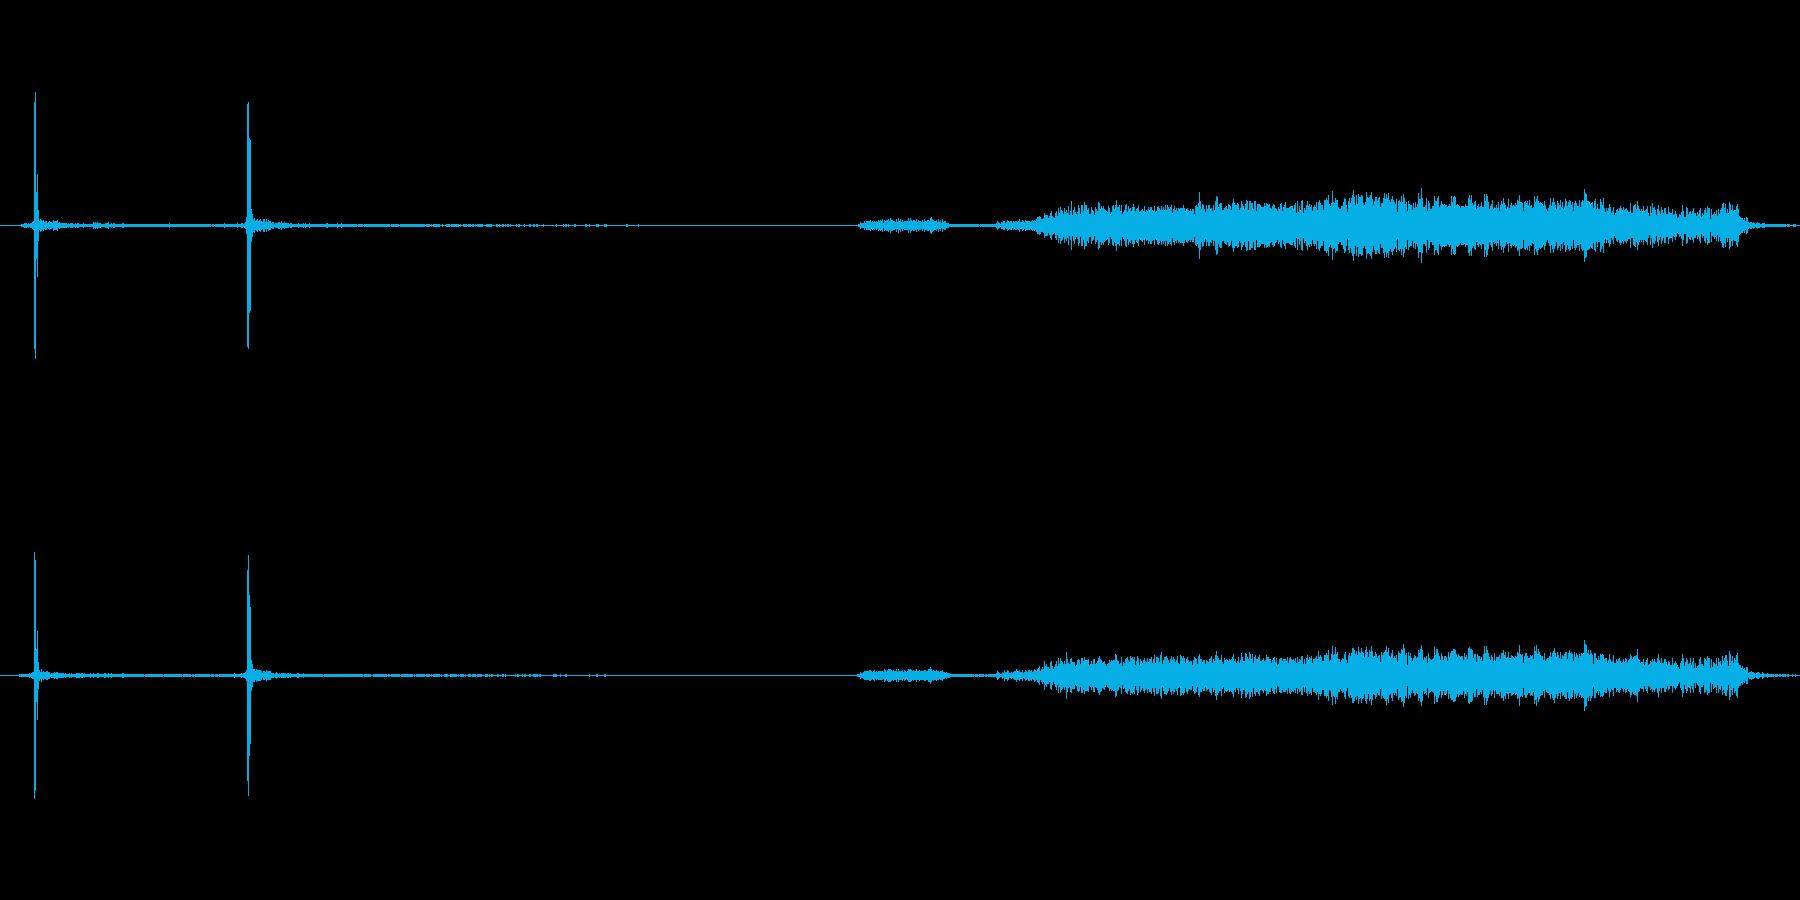 デジカメの電源を切るときの音の再生済みの波形